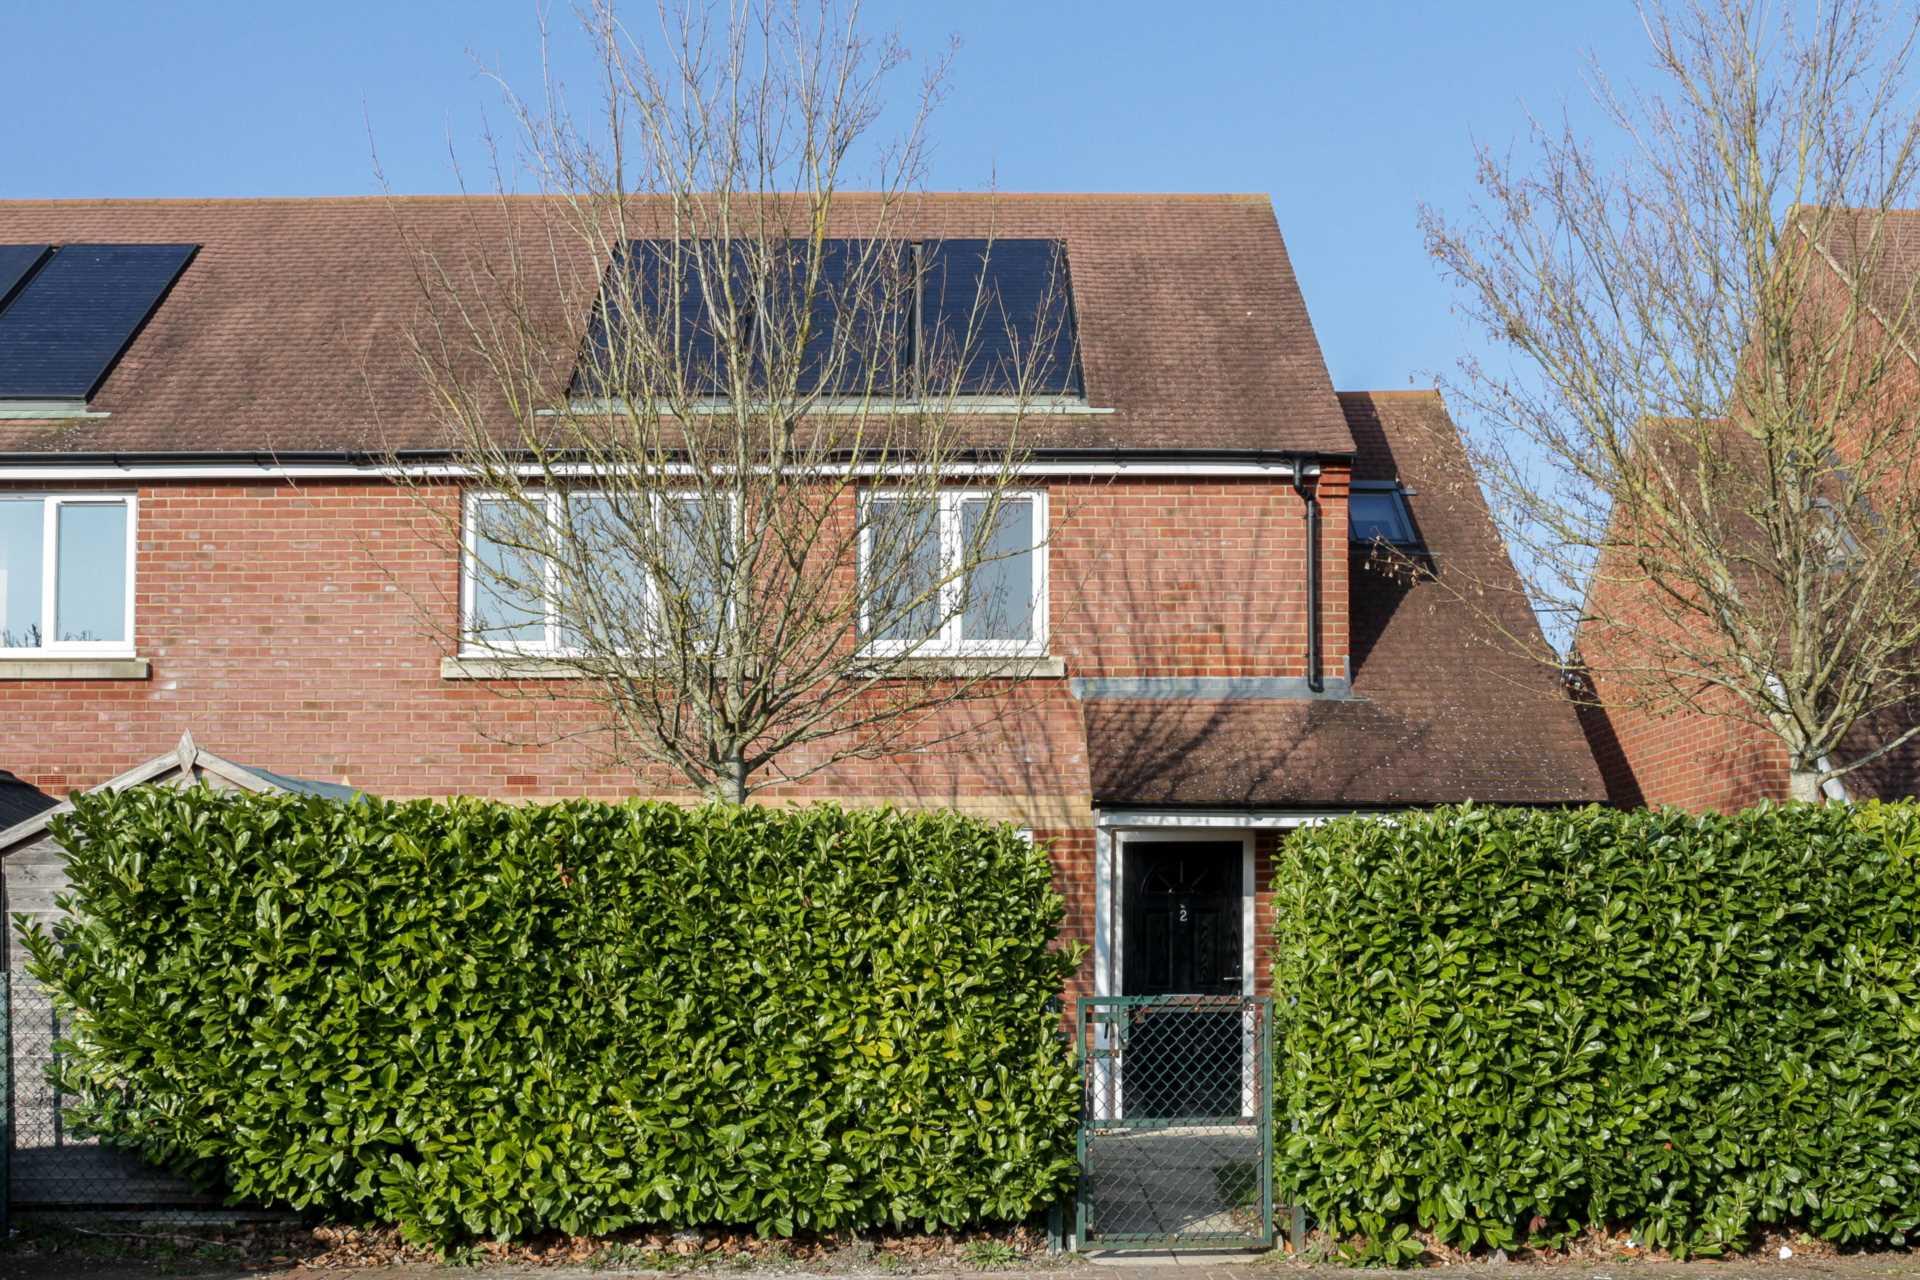 Boshers Close, Cholsey, Image 1